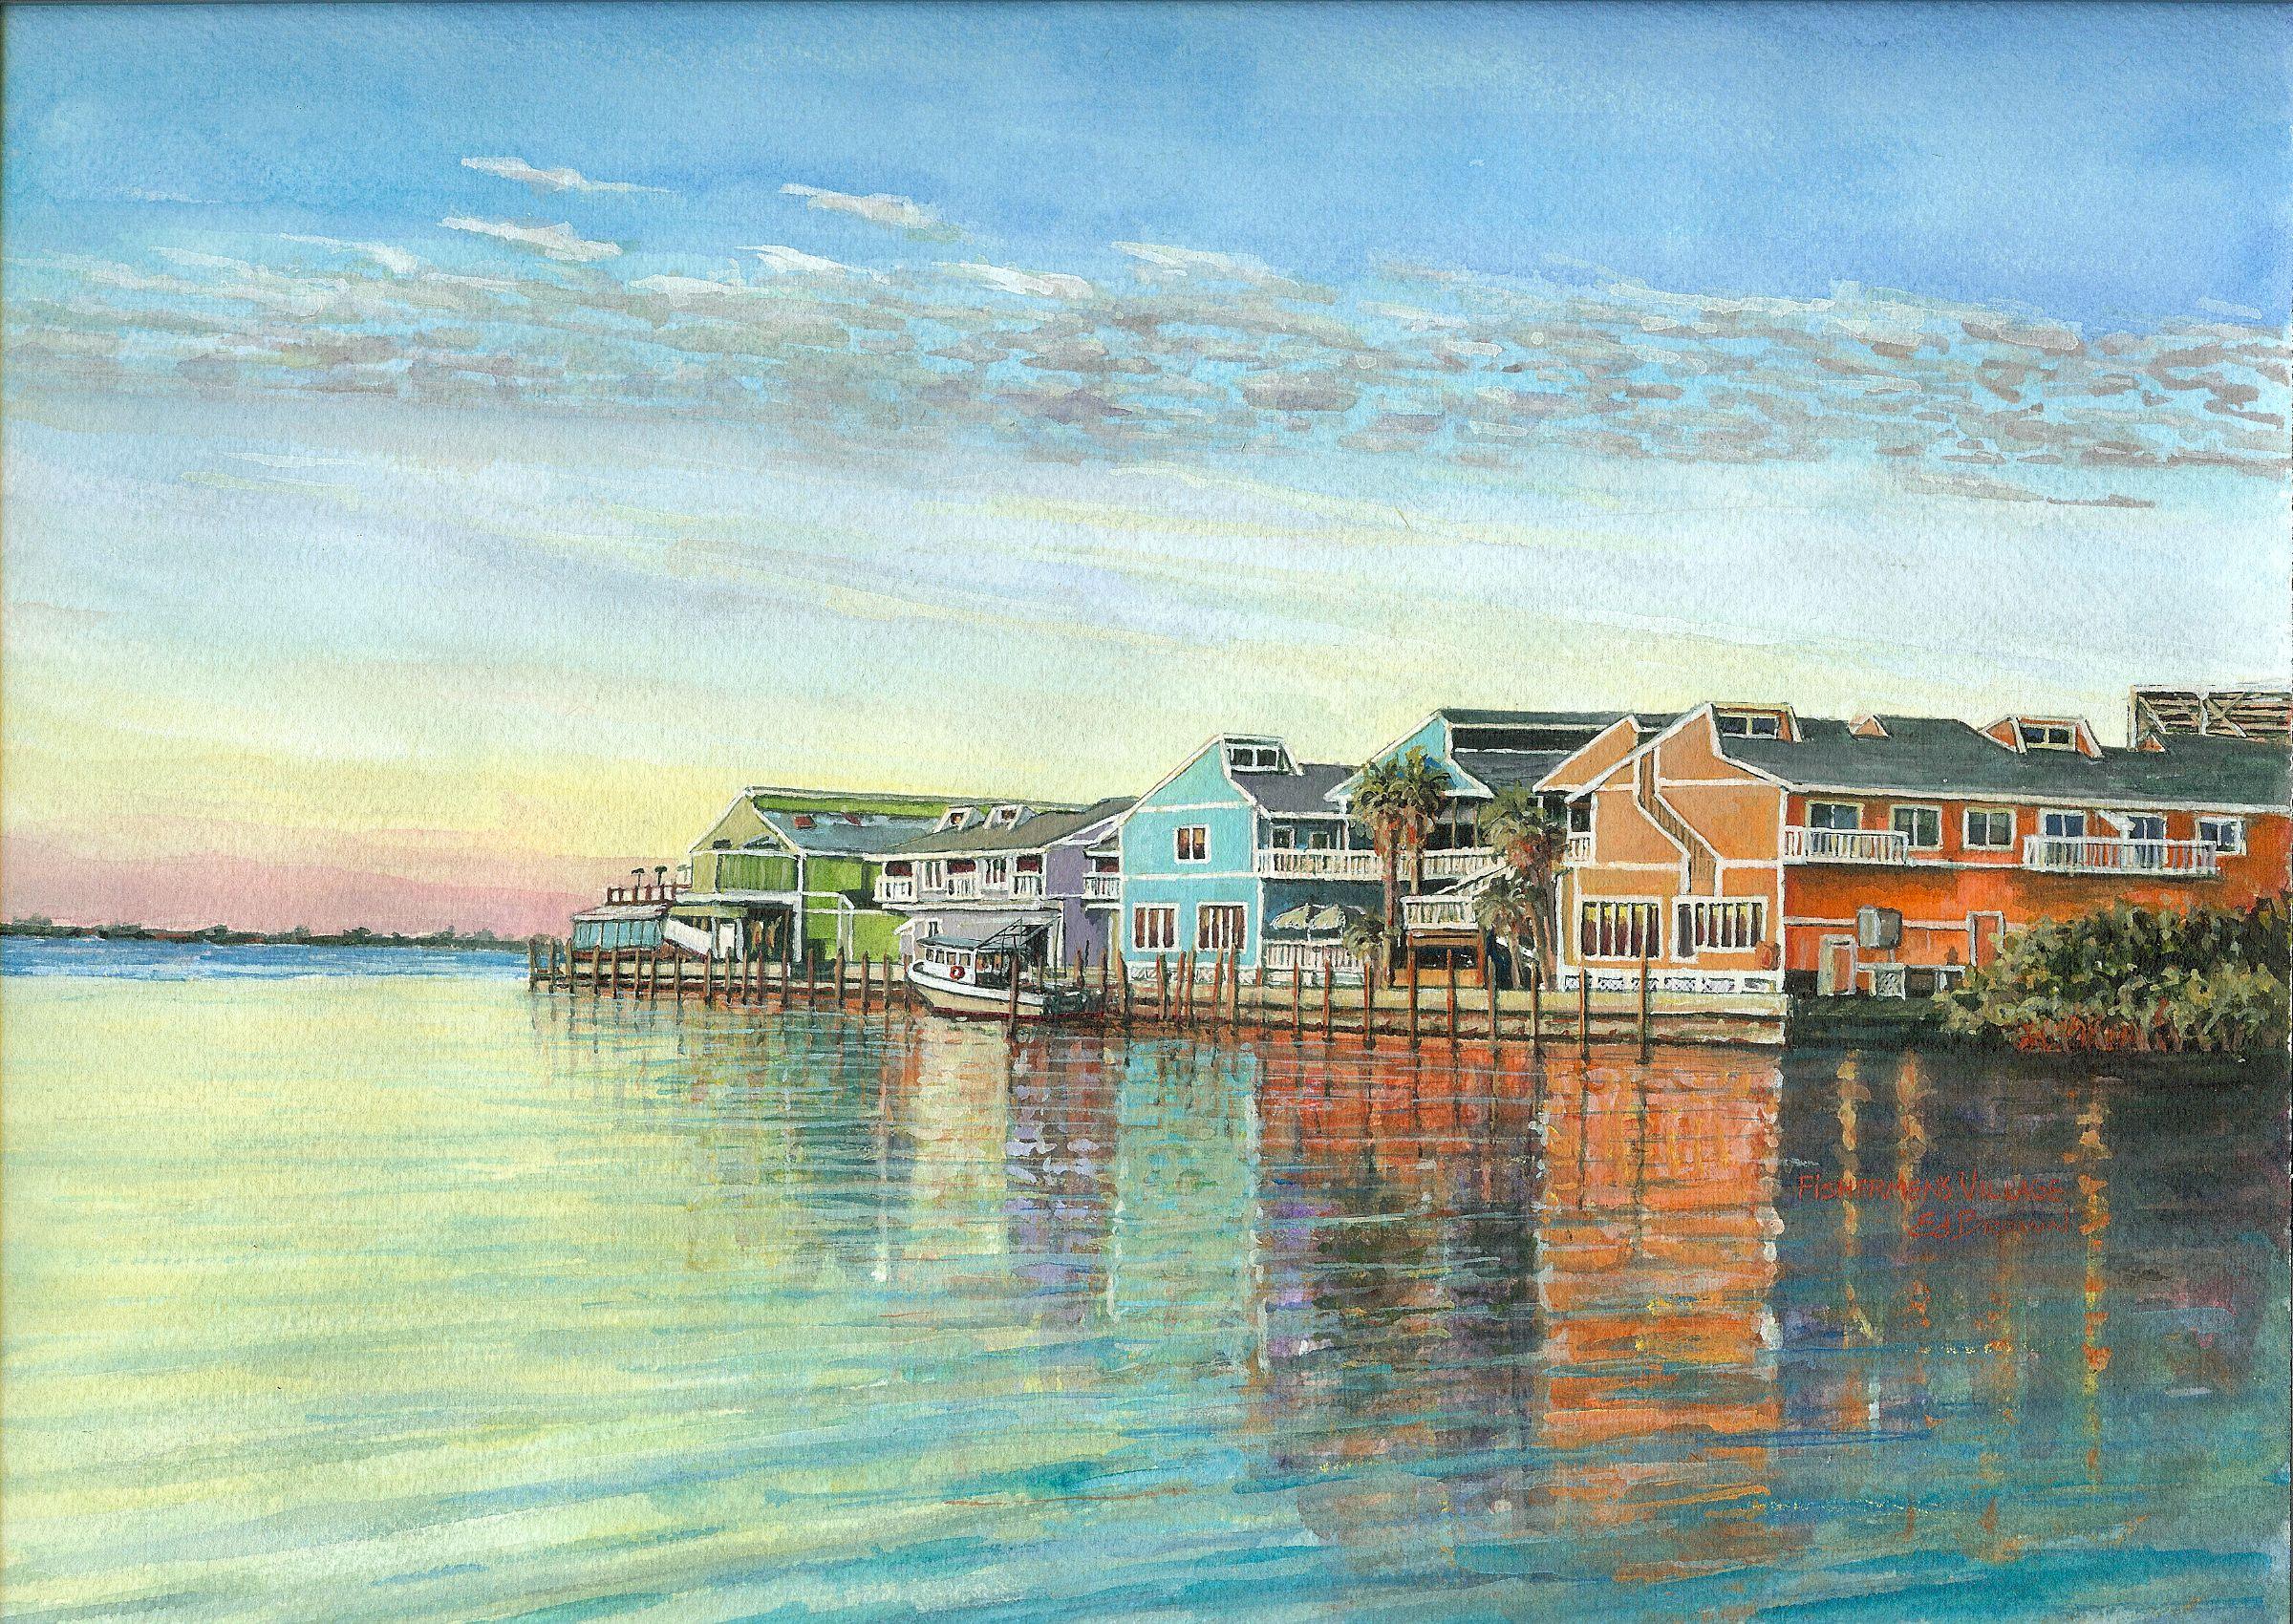 Sundown, Fisherman's Village